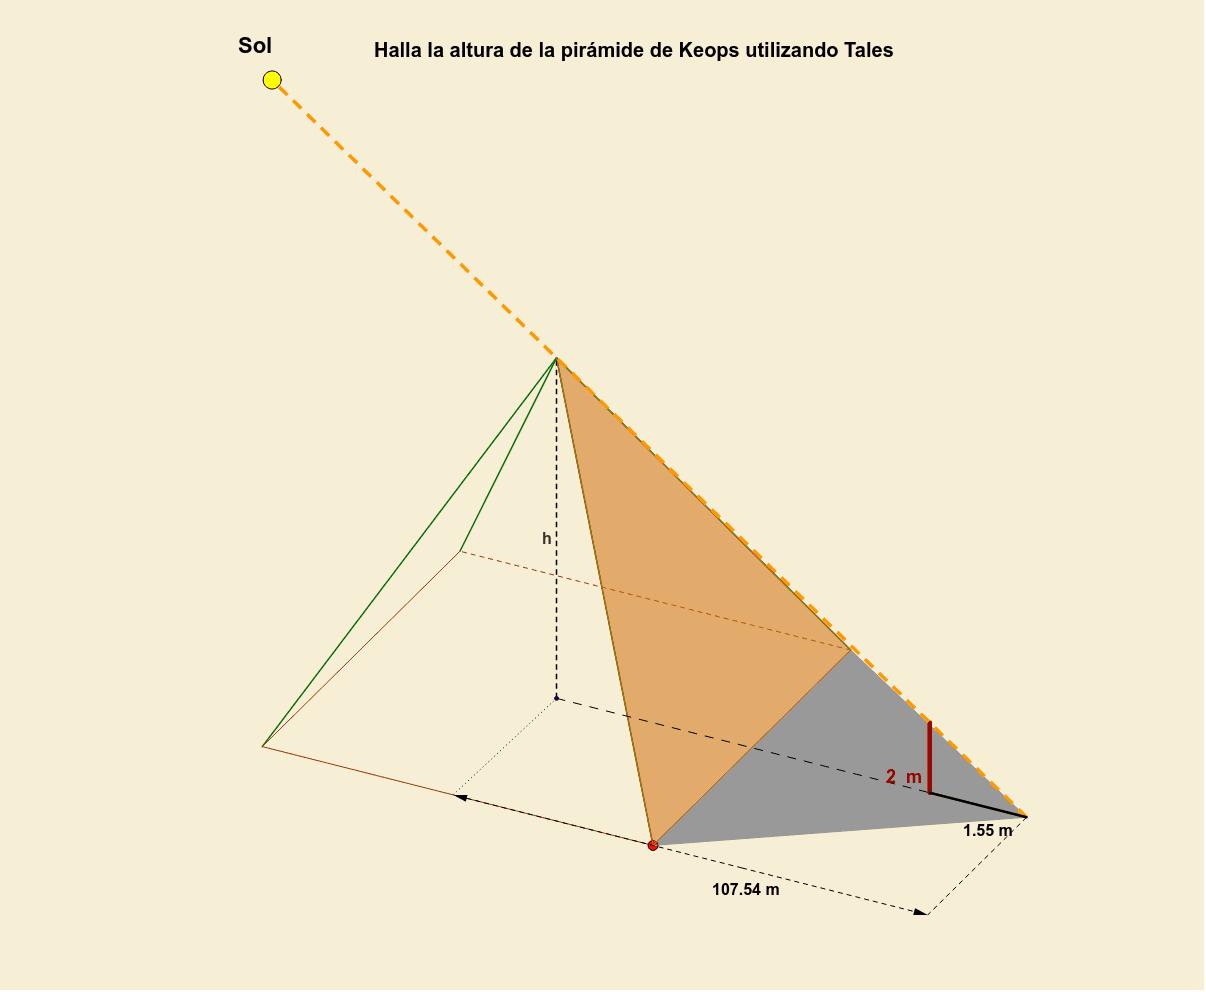 Mou el punt groc (representa el Sol) per variar les ombres i el punt vermell per girar la imatge. Premeu Enter per iniciar l'activitat